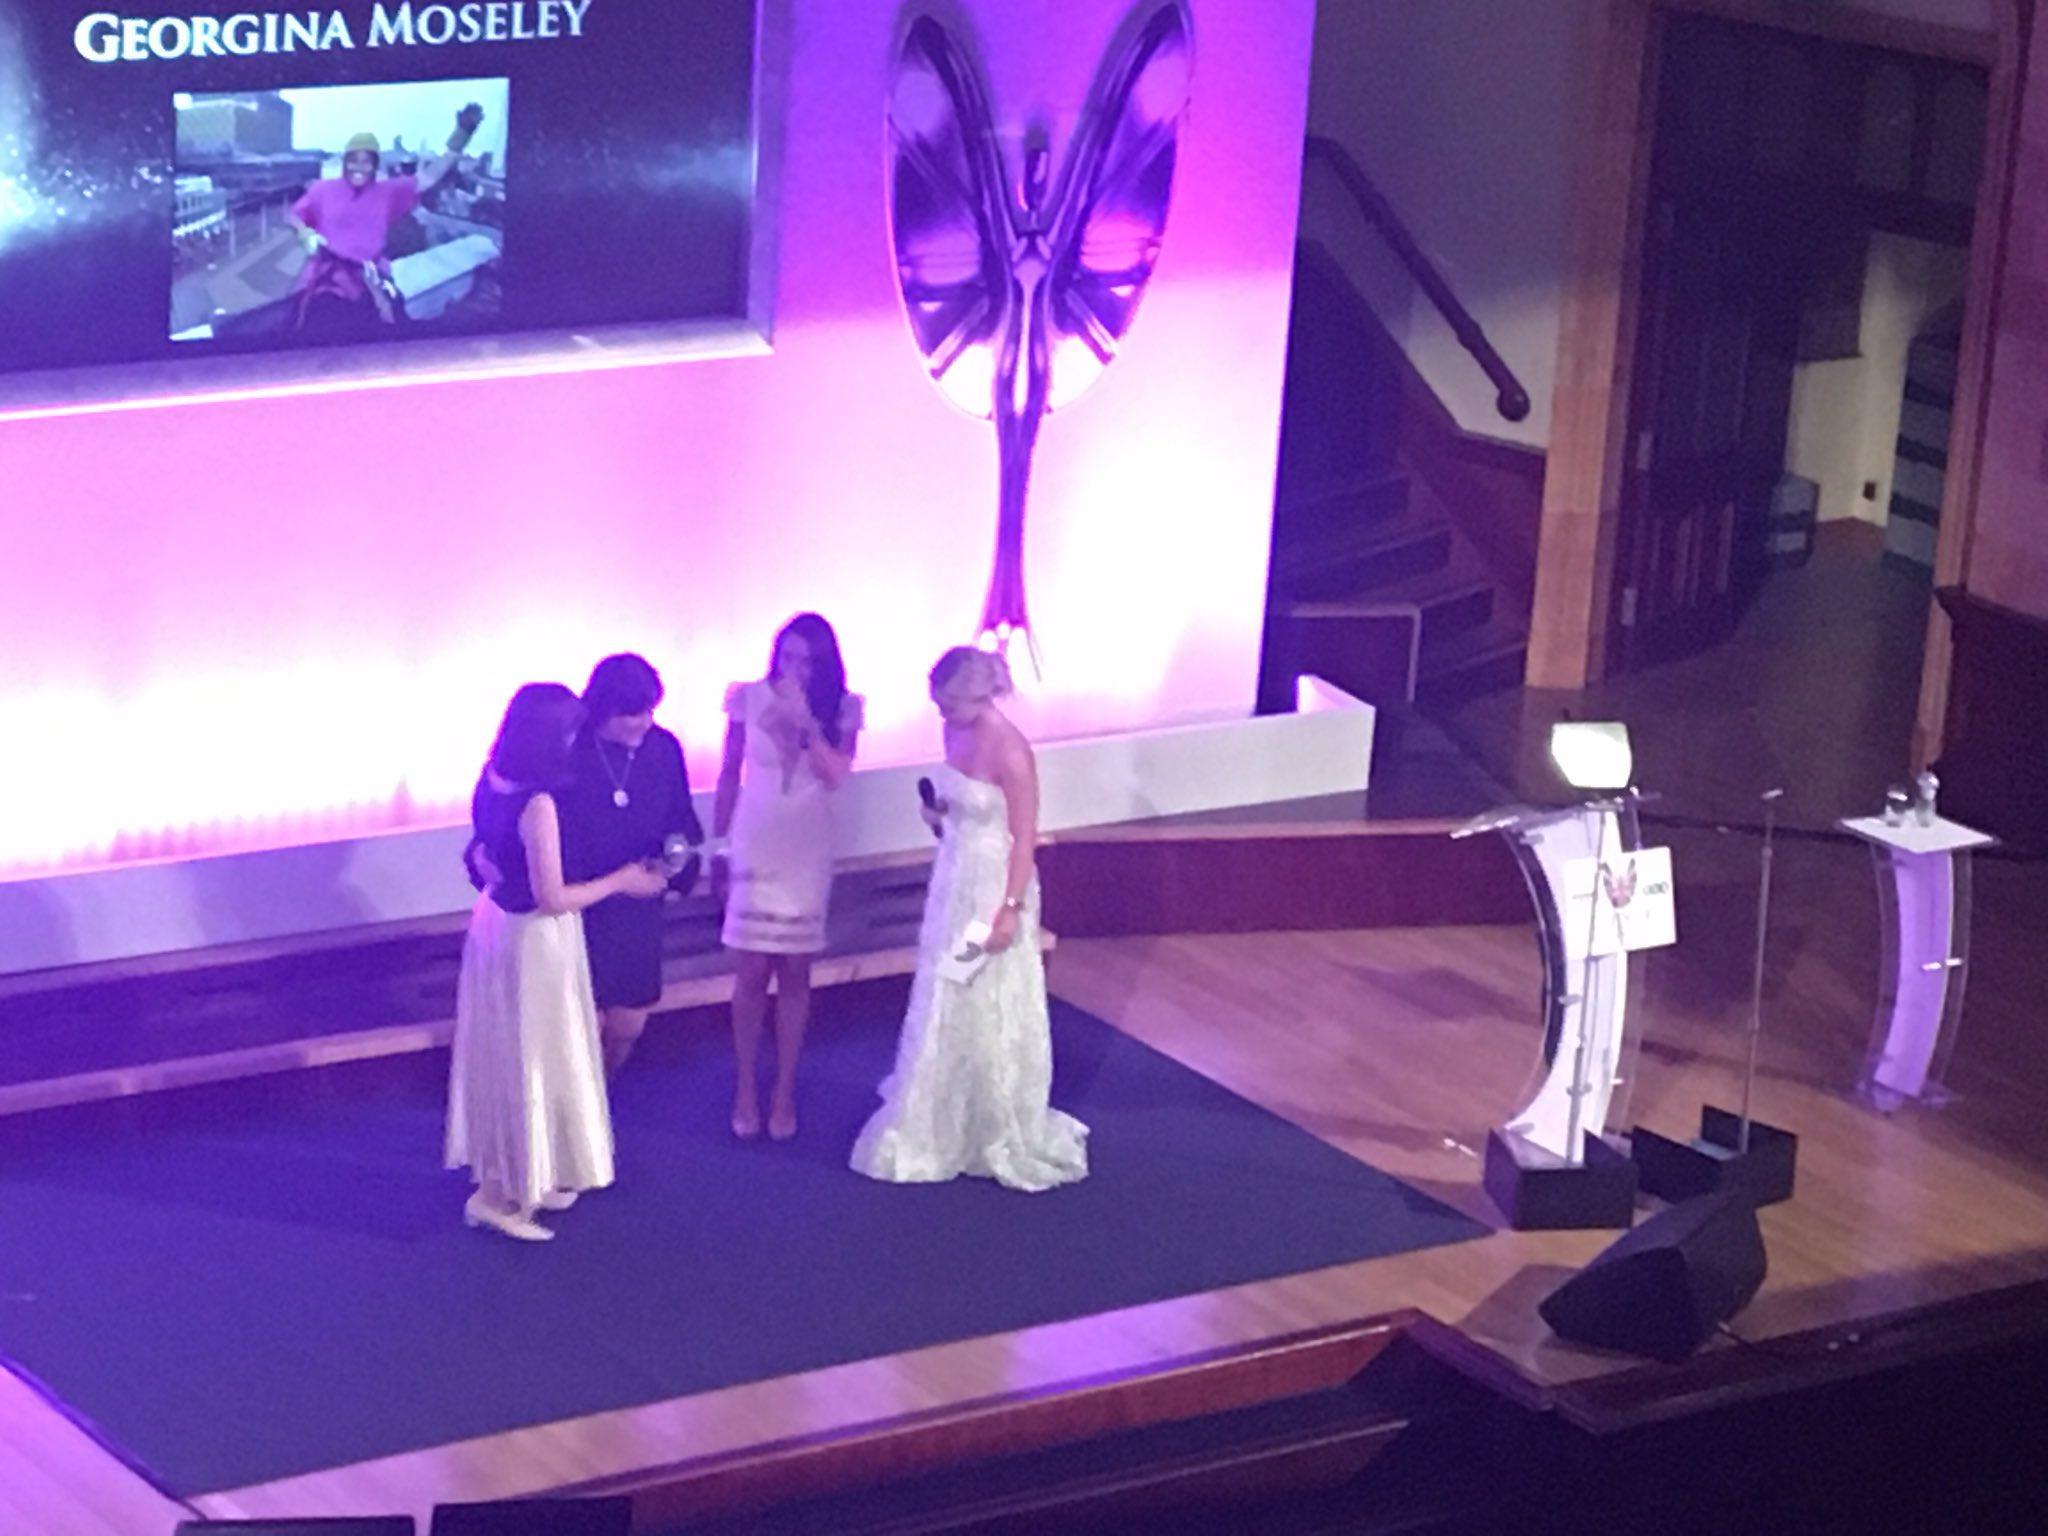 RT @PrideOfBritain: The award is presented by @wonderwomanshel and @MsClaudiaJessie #prideofbirmingham https://t.co/RY5k03G41Z